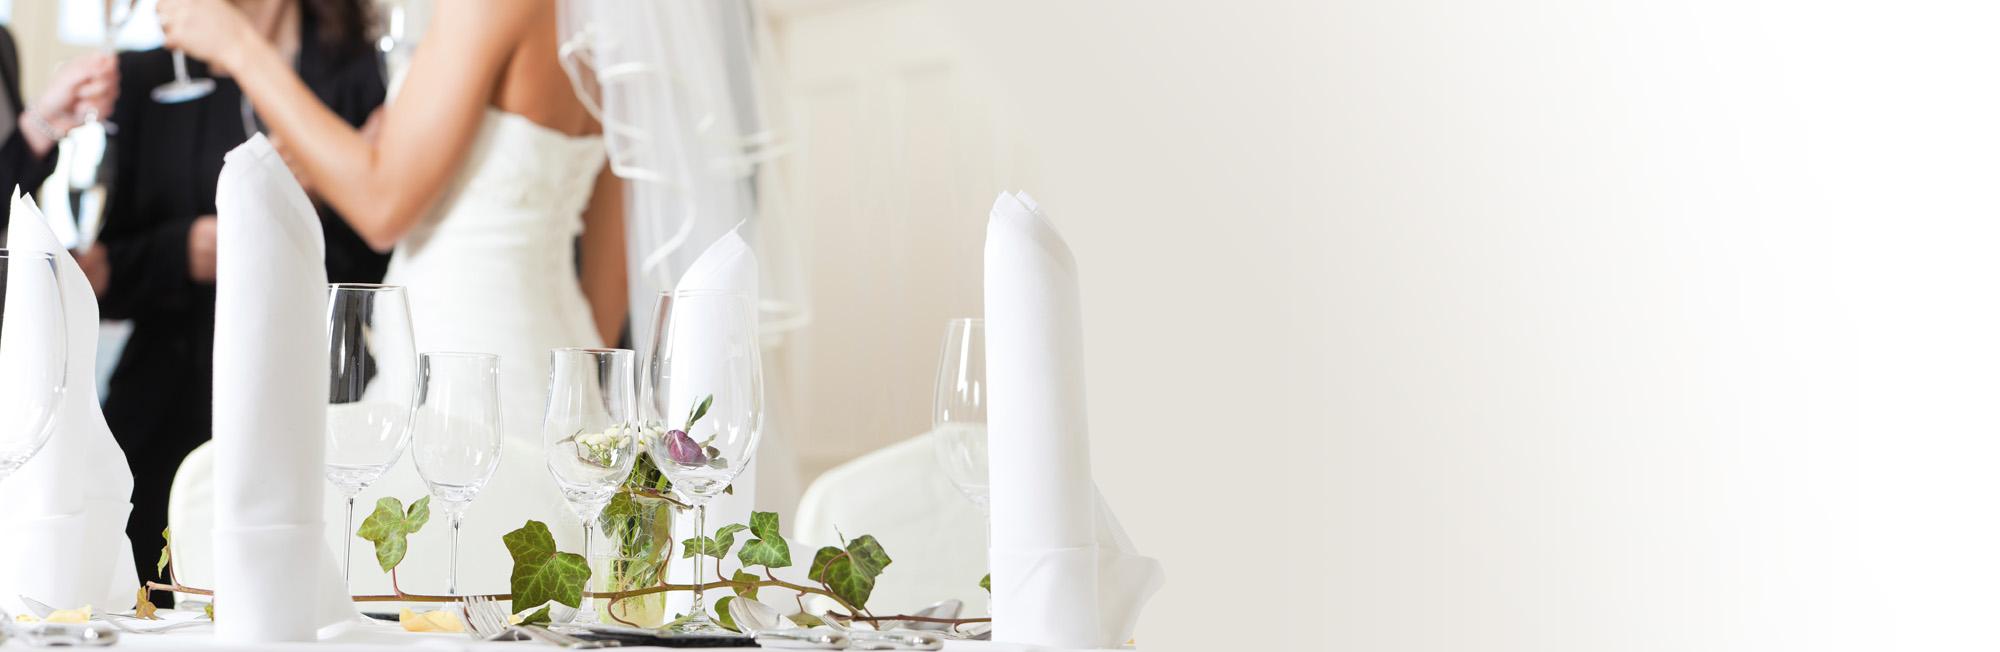 Une table de réception de mariage avec en fond de l'image les mariés